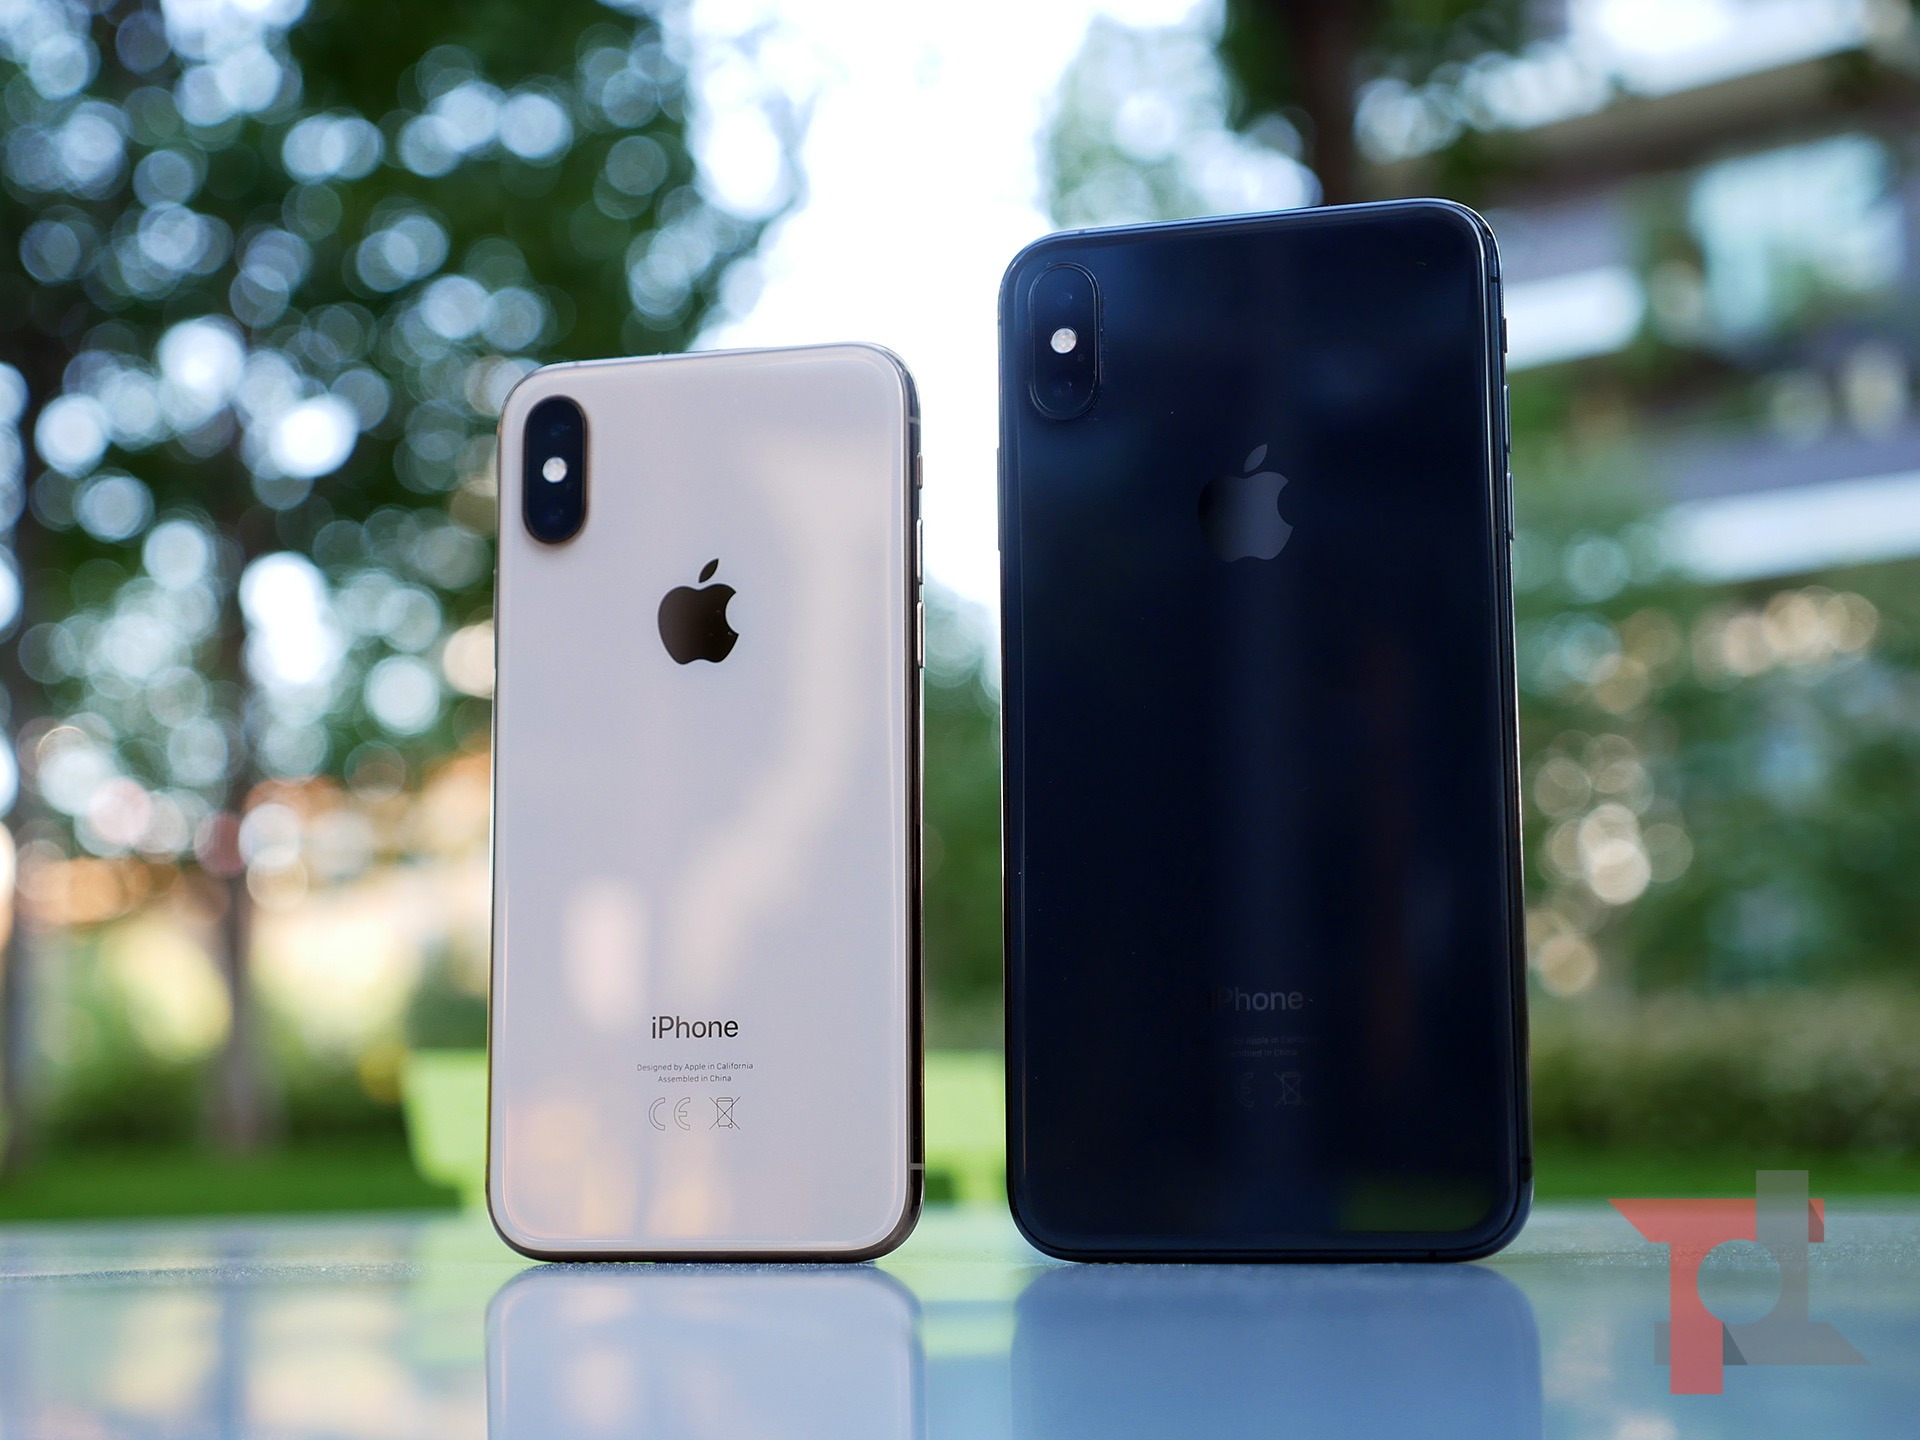 Recensione iPhone Xs Max e iPhone Xs: i giusti miglioramenti per una variante S 5